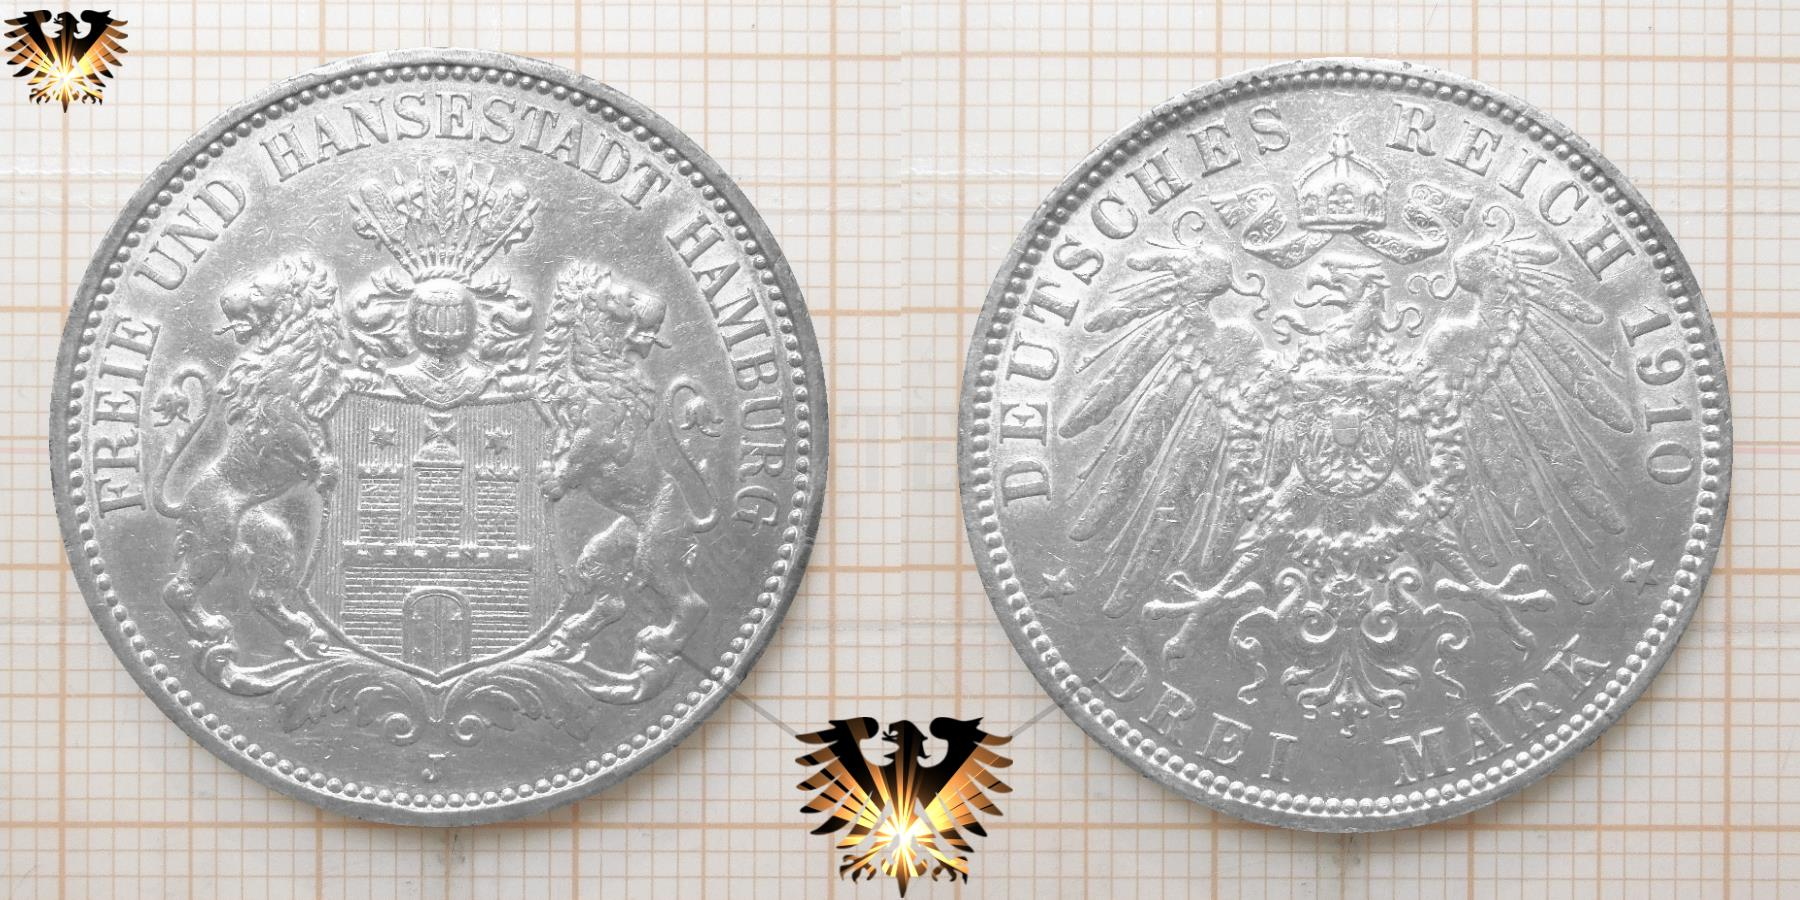 Hamburg Freie Und Hansestadt Münze Drei Mark 1910 J